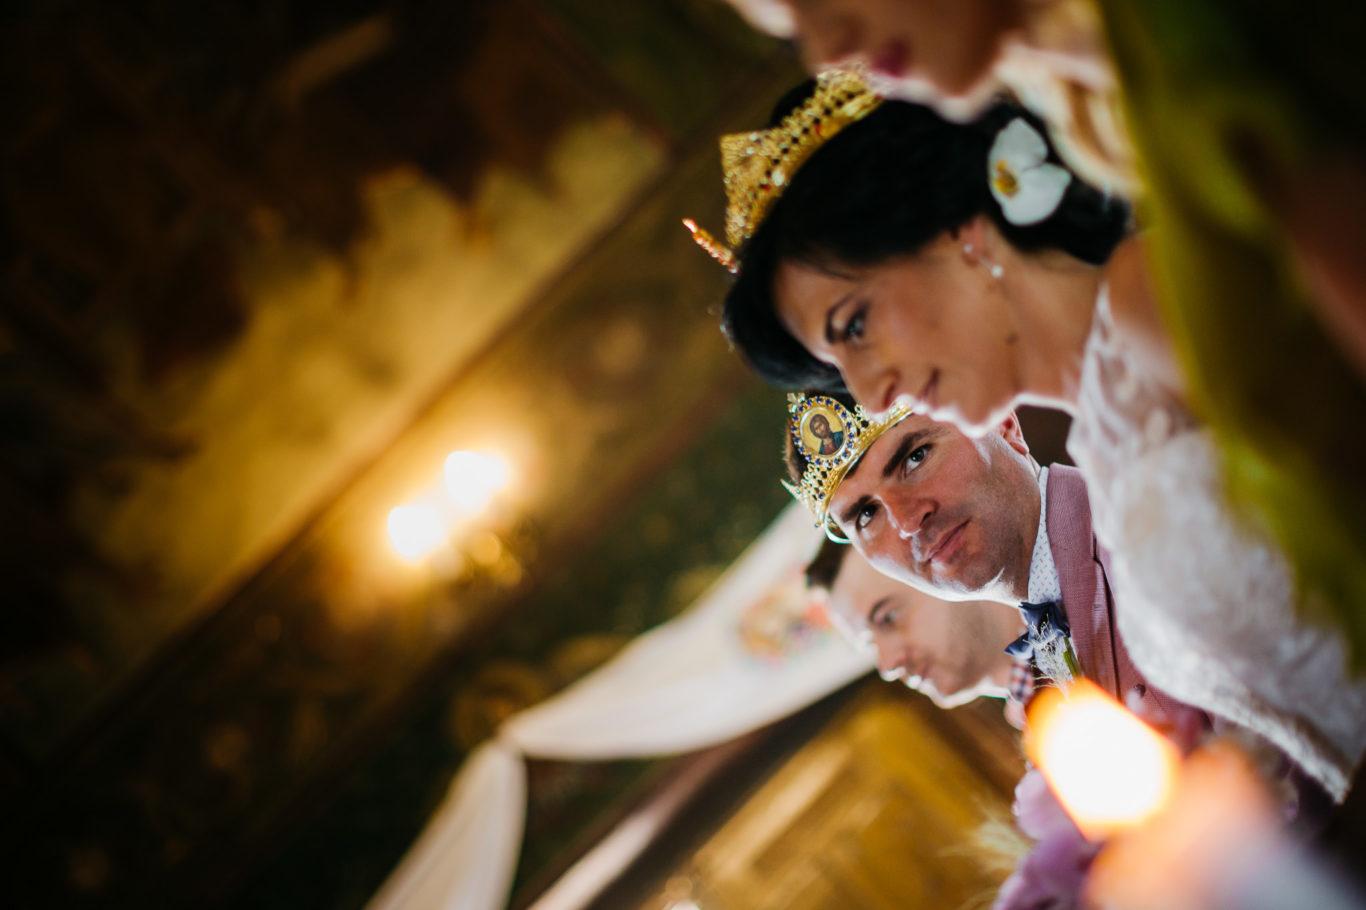 0167-fotografie-nunta-valea-de-pesti-vero-dani-fotograf-ciprian-dumitrescu-cd2_0526